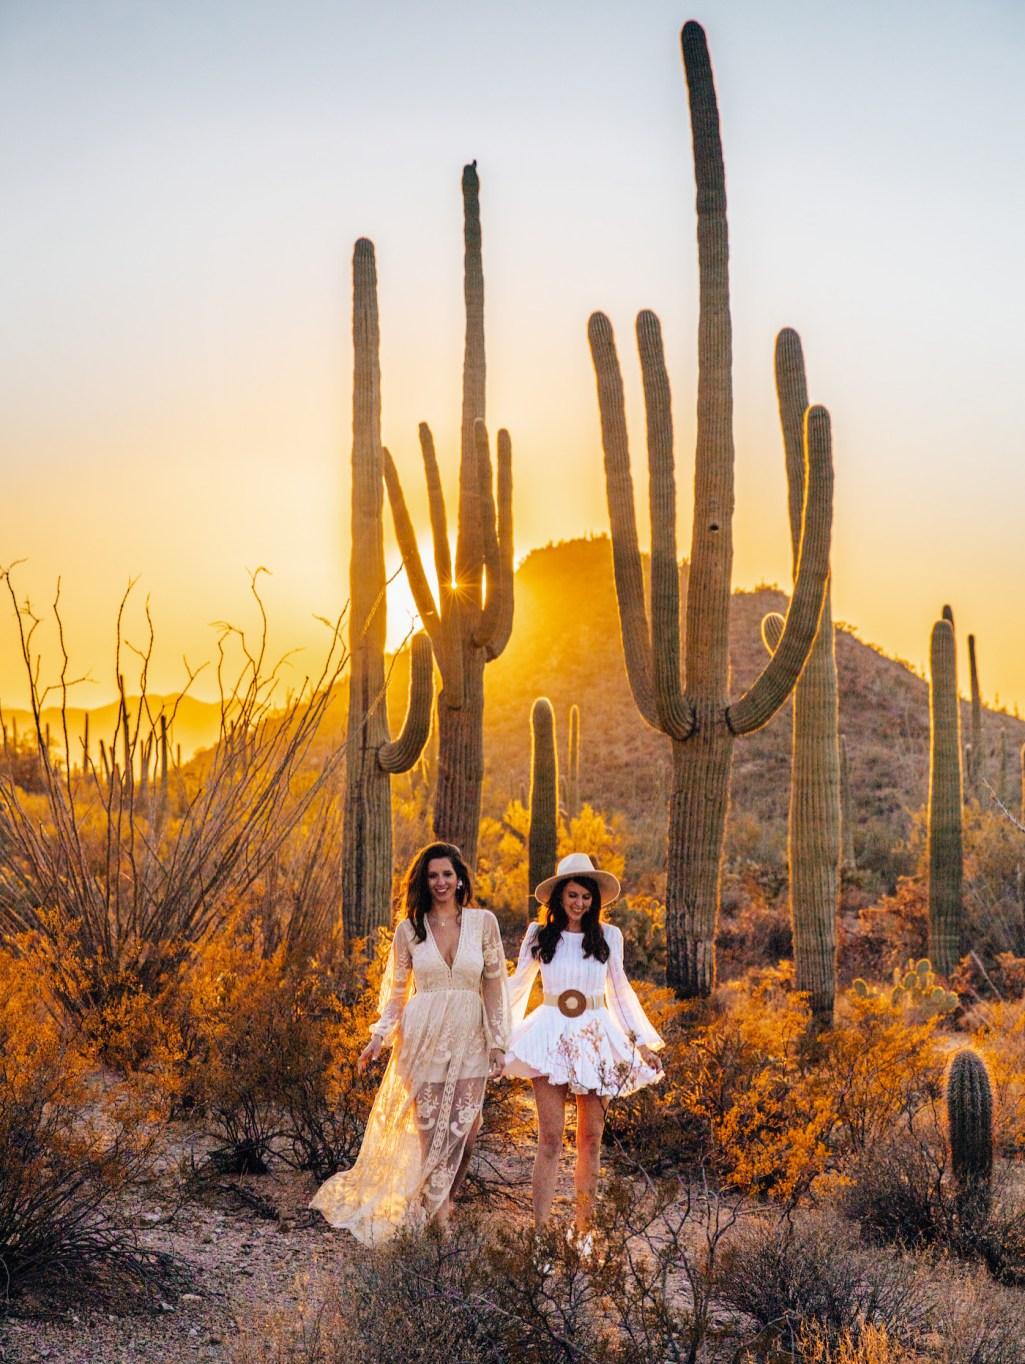 Omni Tucson_Photo 09.01.21, 17 23 49